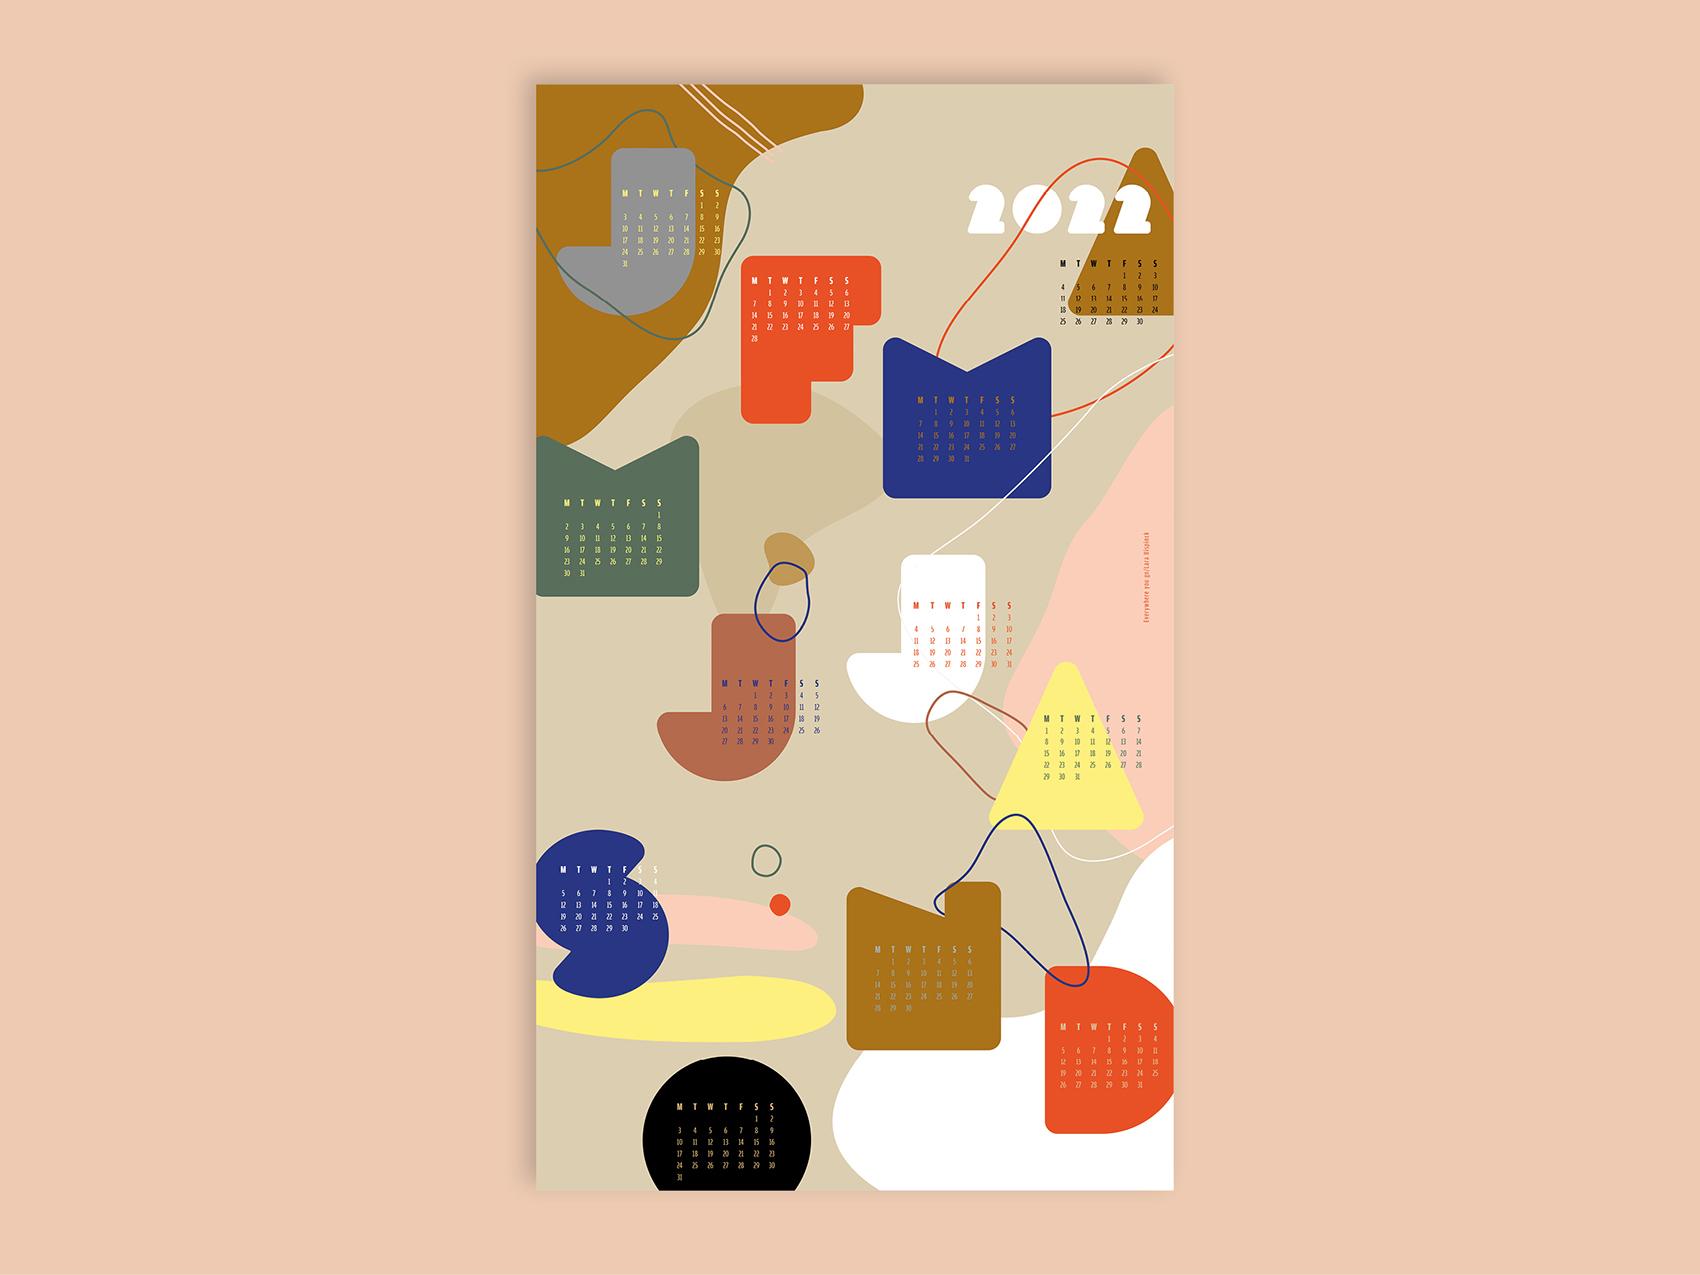 Wandkalender_abstrakt_Ansicht